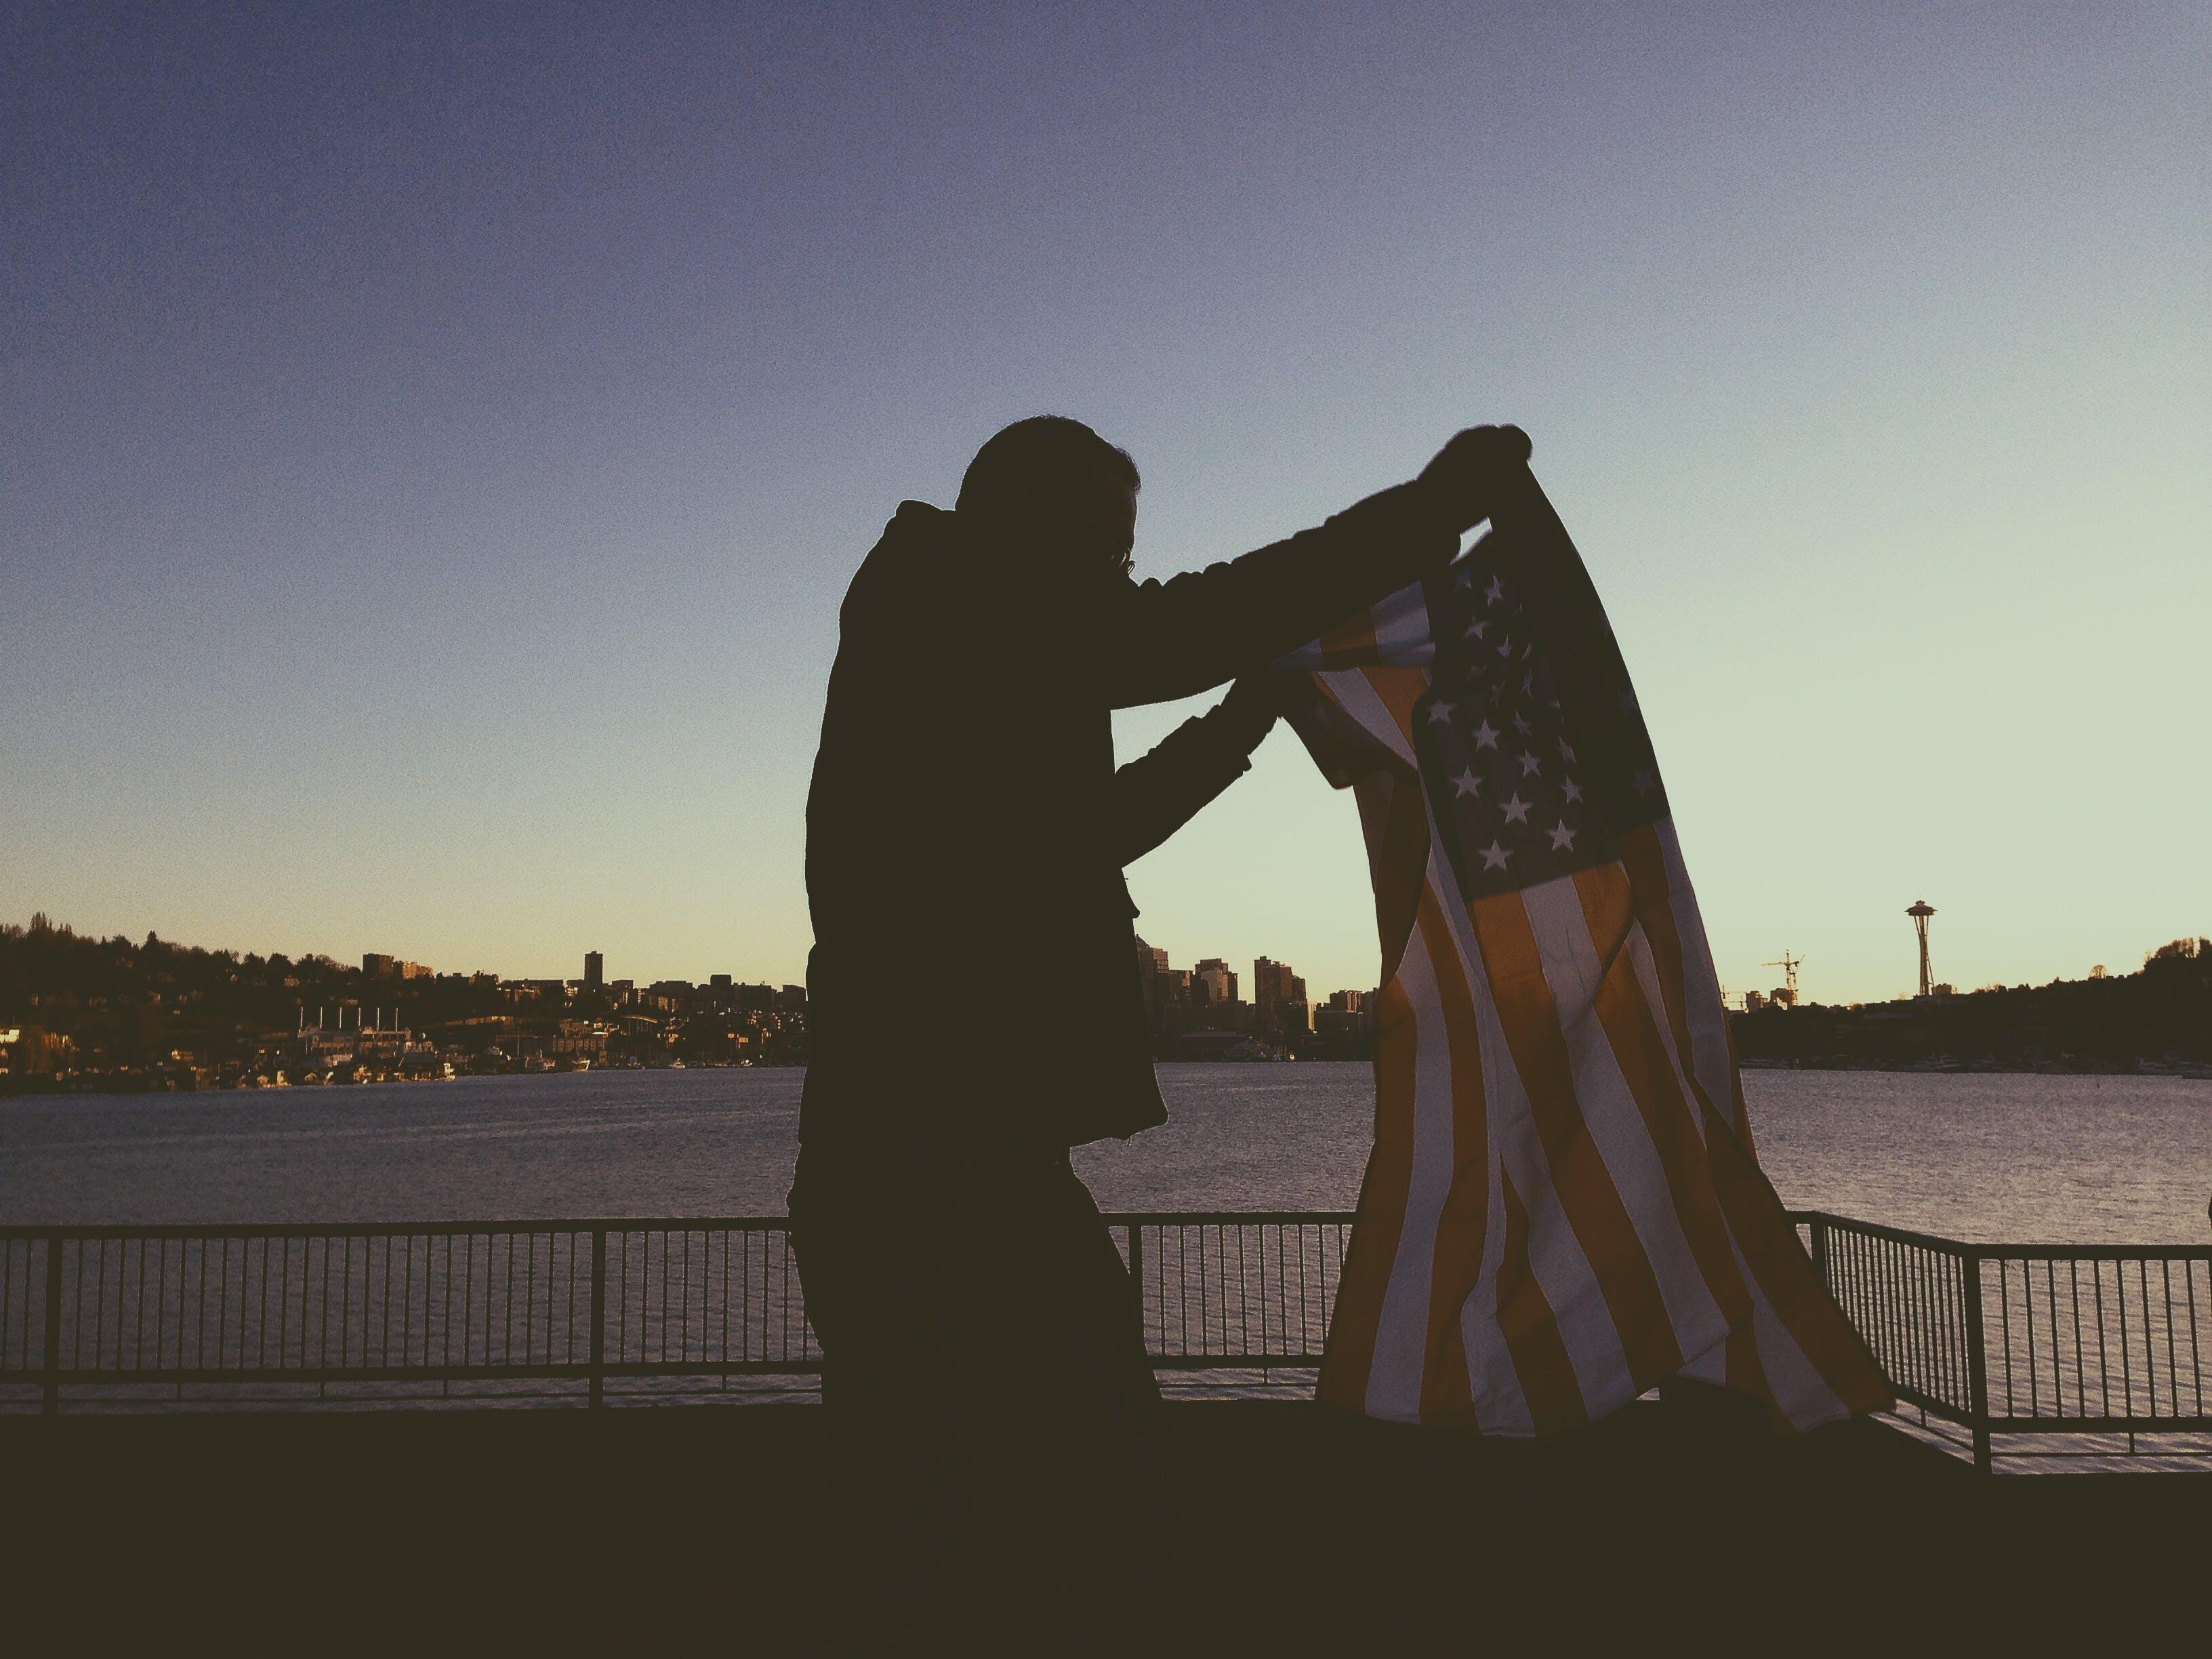 Gratis lagerfoto af patriotisk, patriotisme, USA